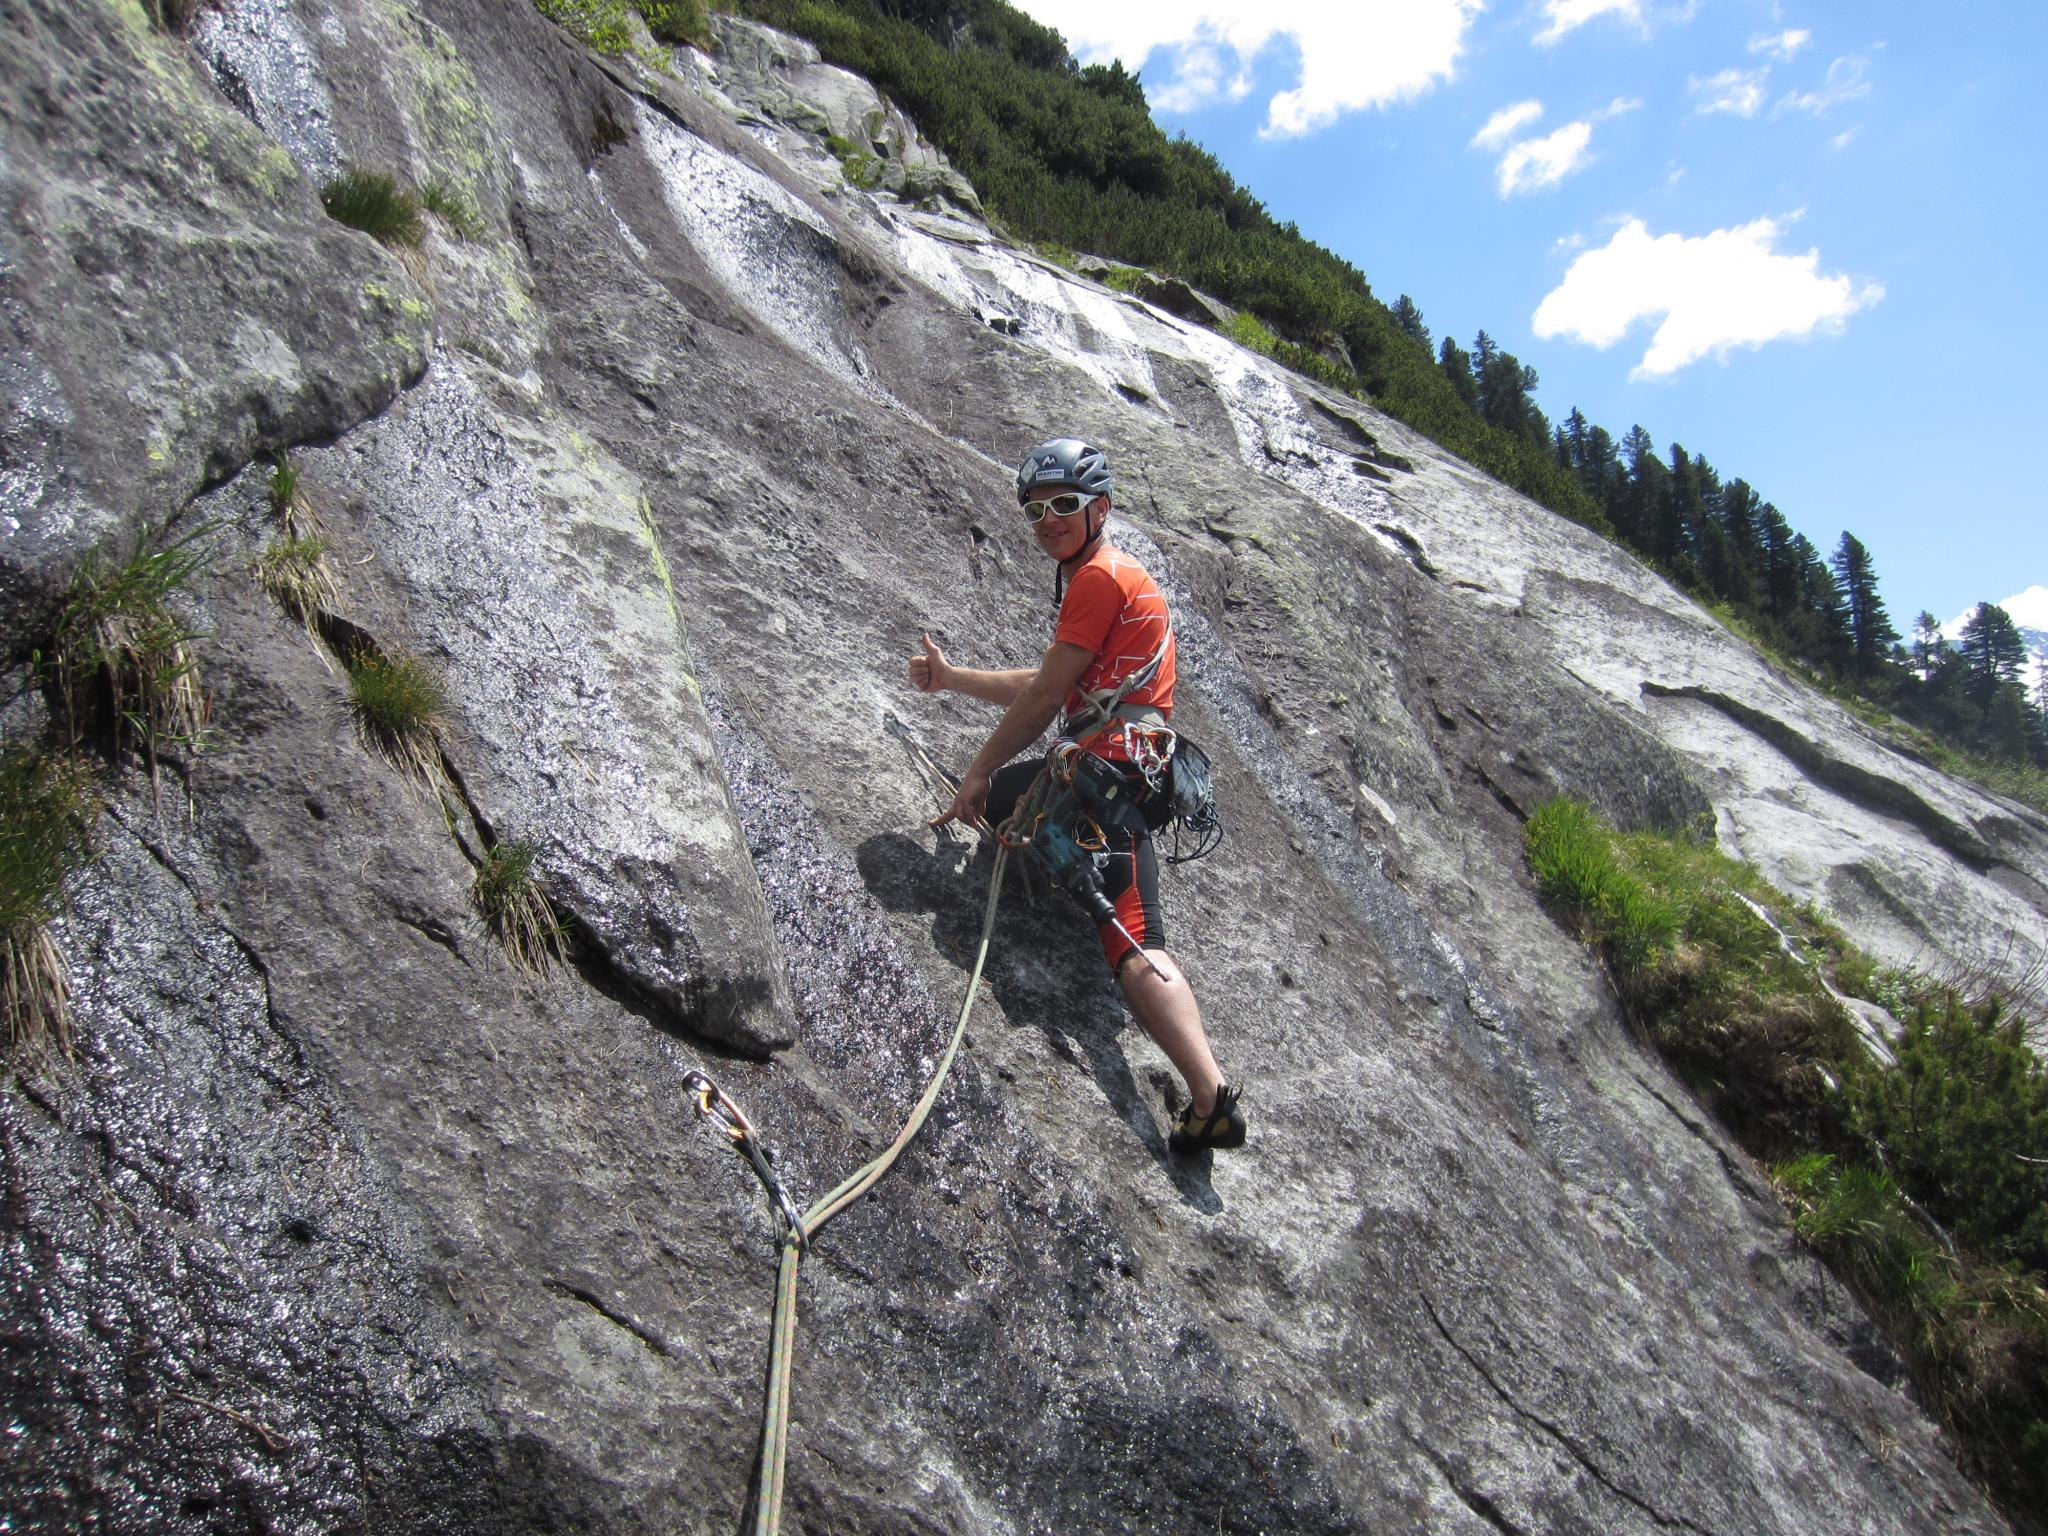 Kletterausrüstung Zillertal : Alpiner spätaufsteher bergsteigen.com